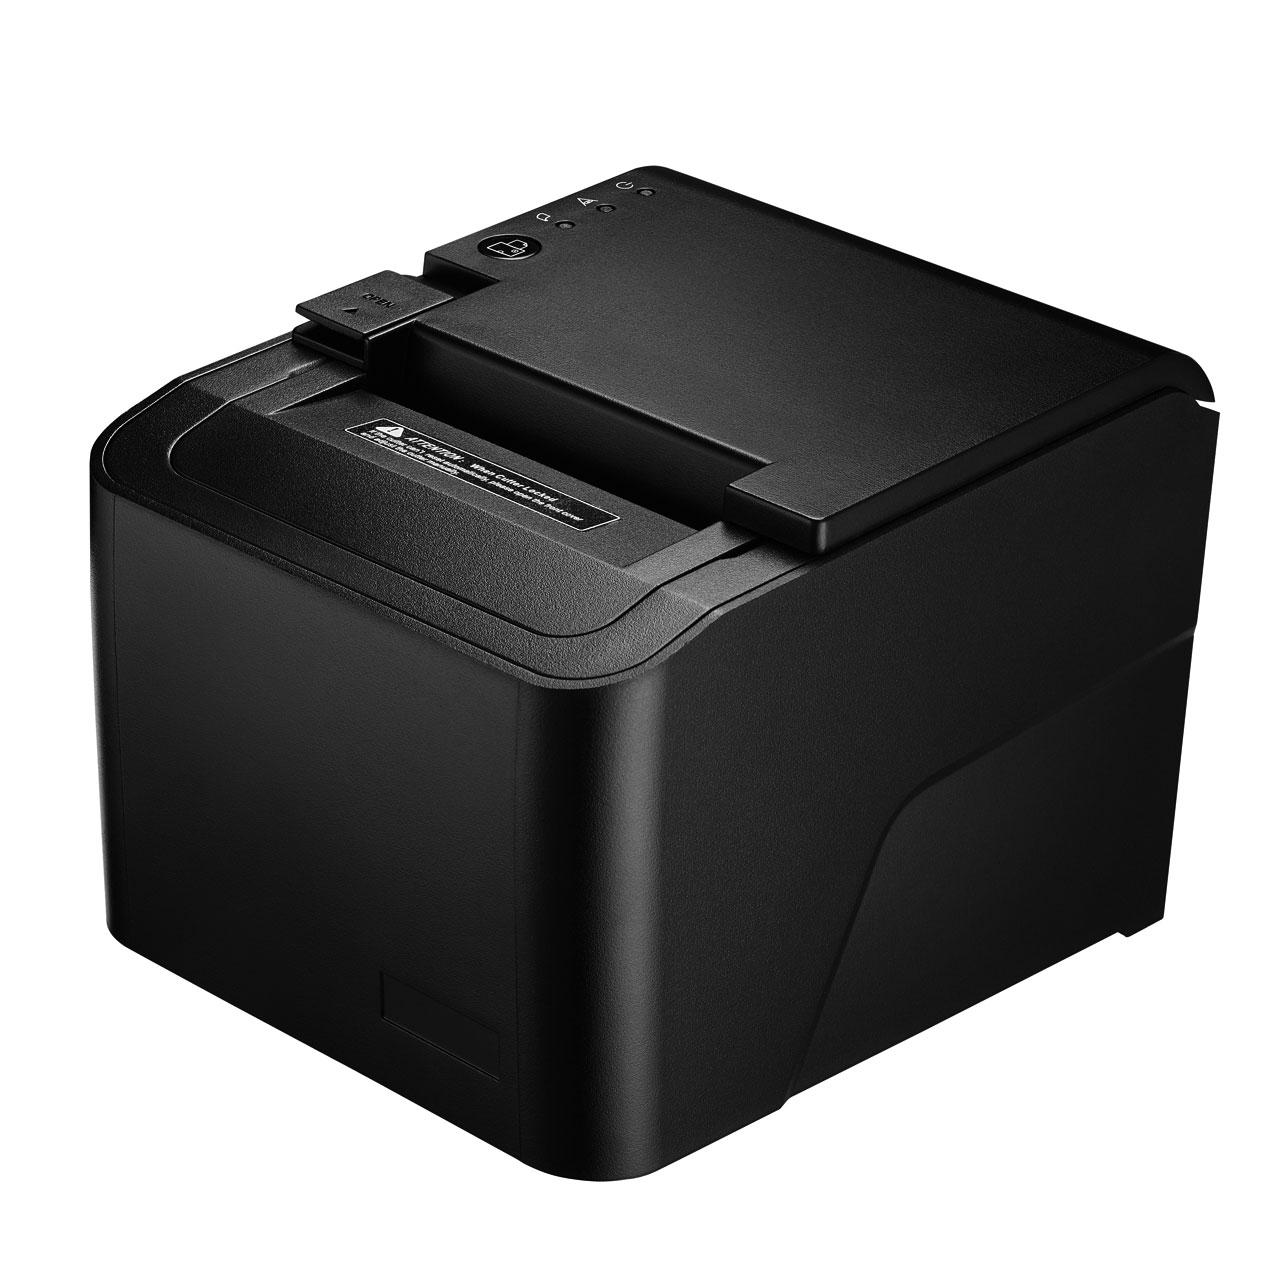 80mm Multi-I/OThermal Receipt Printer | POS System Manufacturer